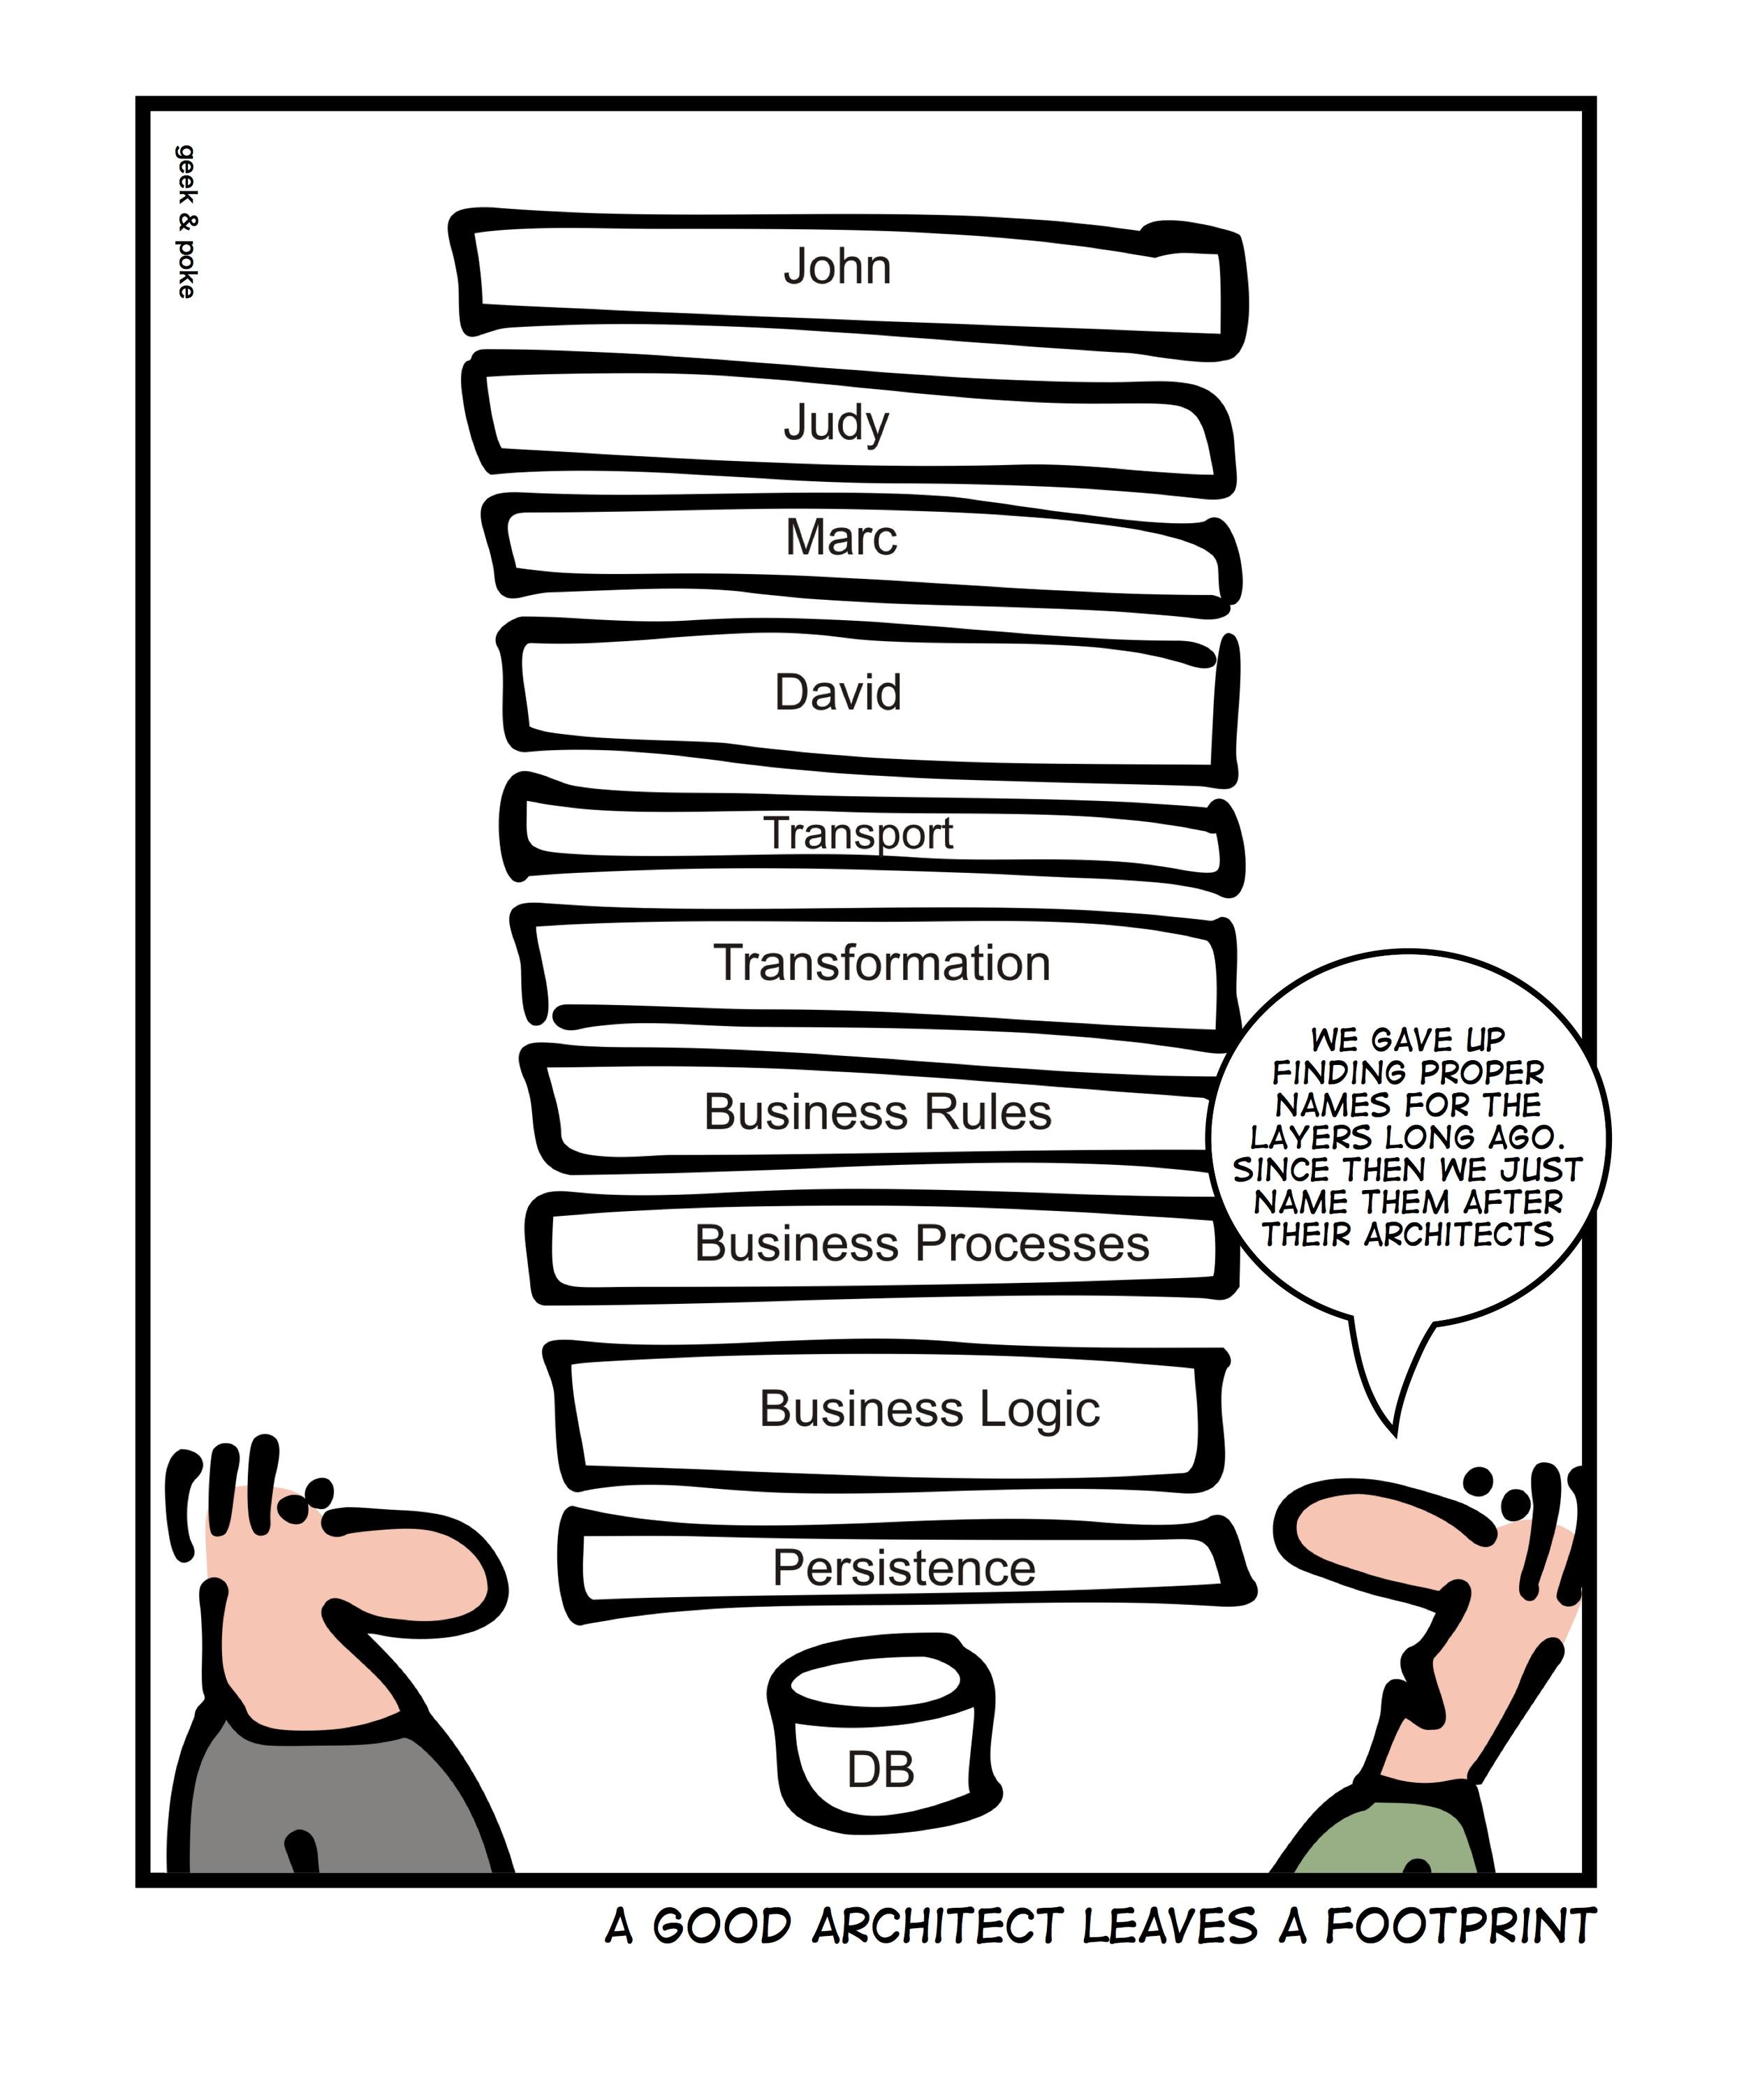 Enterprise Architecture Footprints Humor